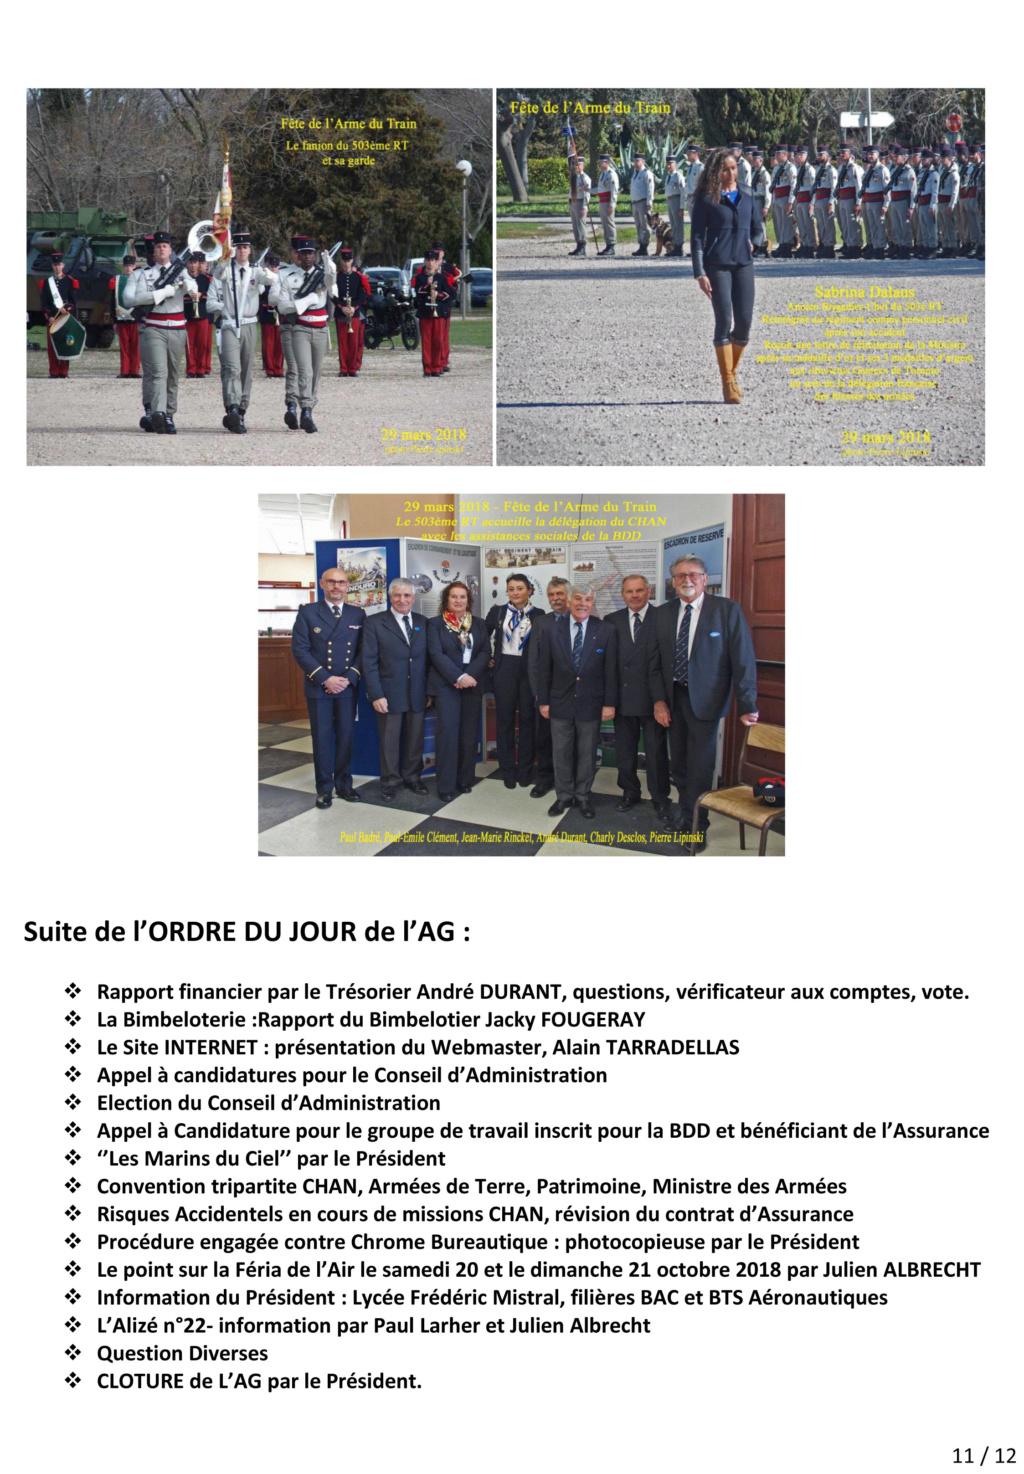 [Associations anciens marins] C.H.A.N.-Nîmes (Conservatoire Historique de l'Aéronavale-Nîmes) - Page 5 2018_020